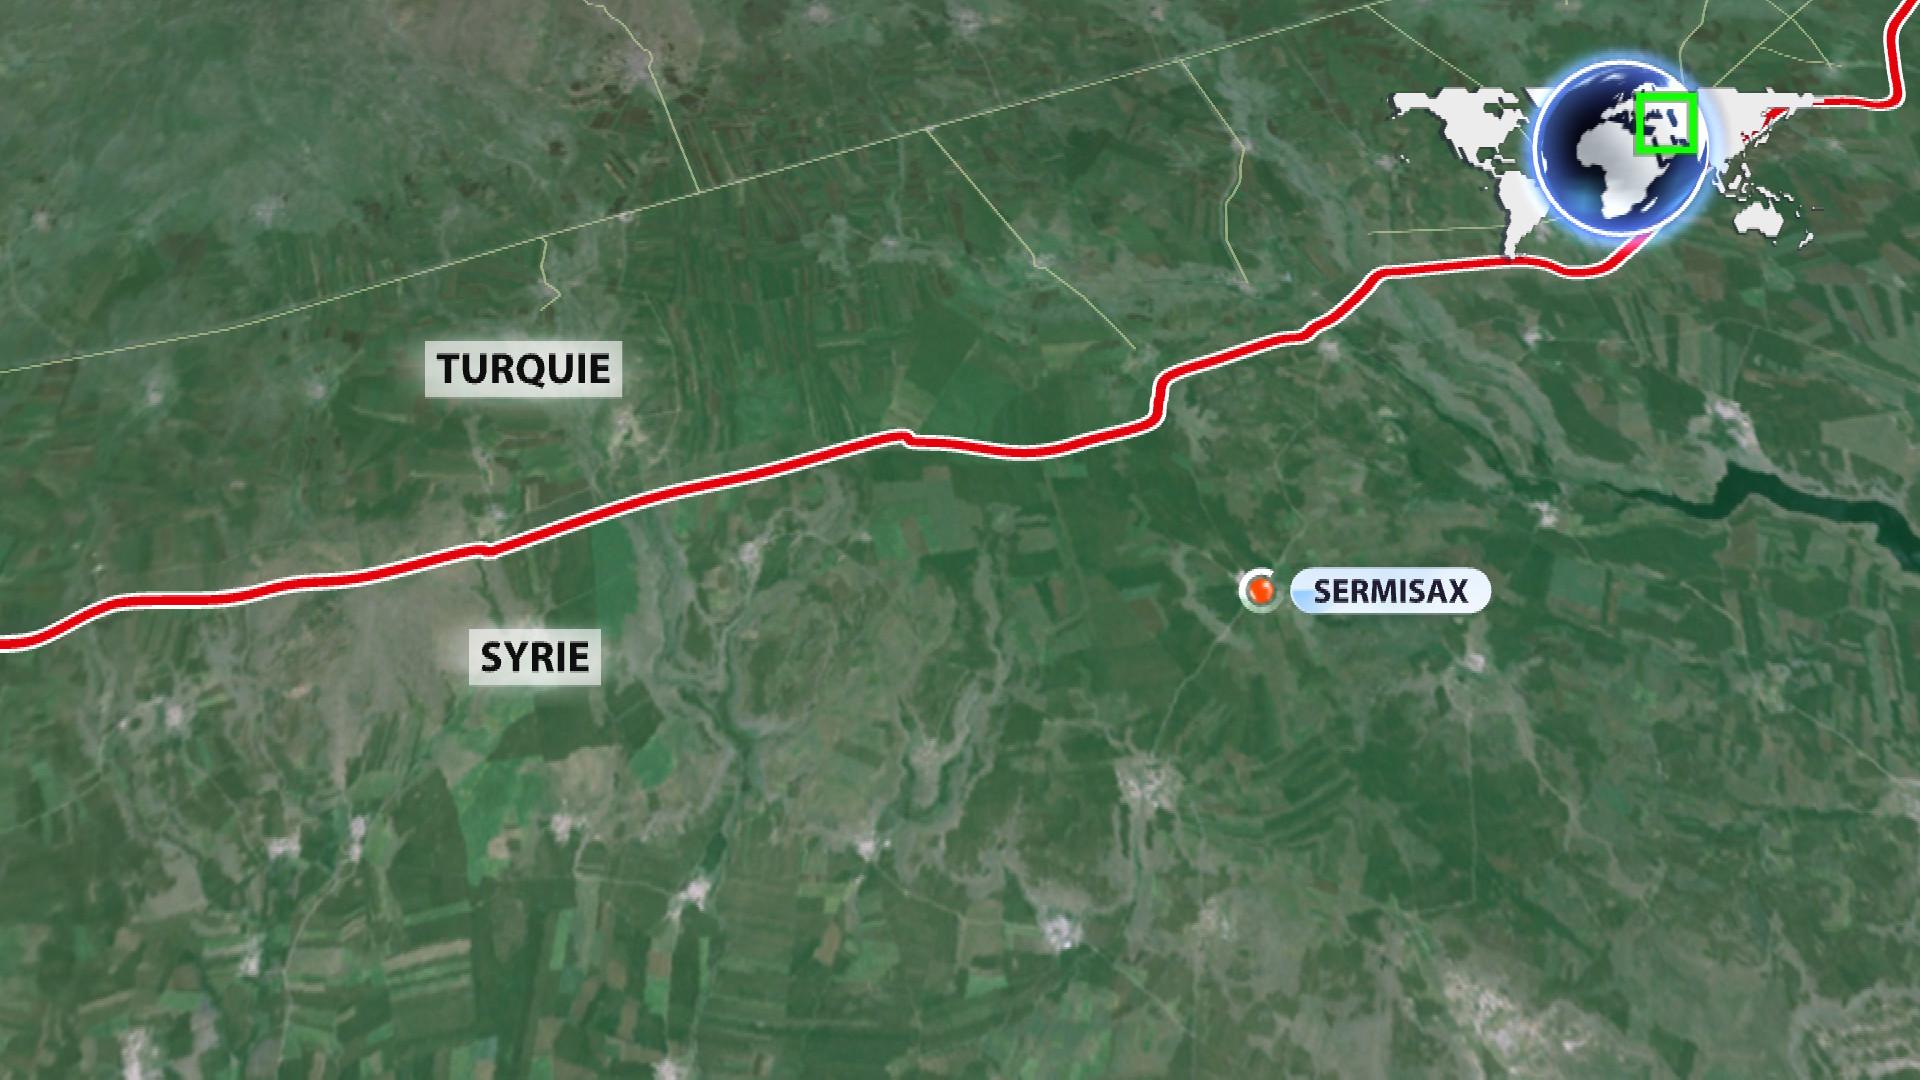 La Turquie élargirait ses frontières au détriment de la Syrie en opprimant les Kurdes